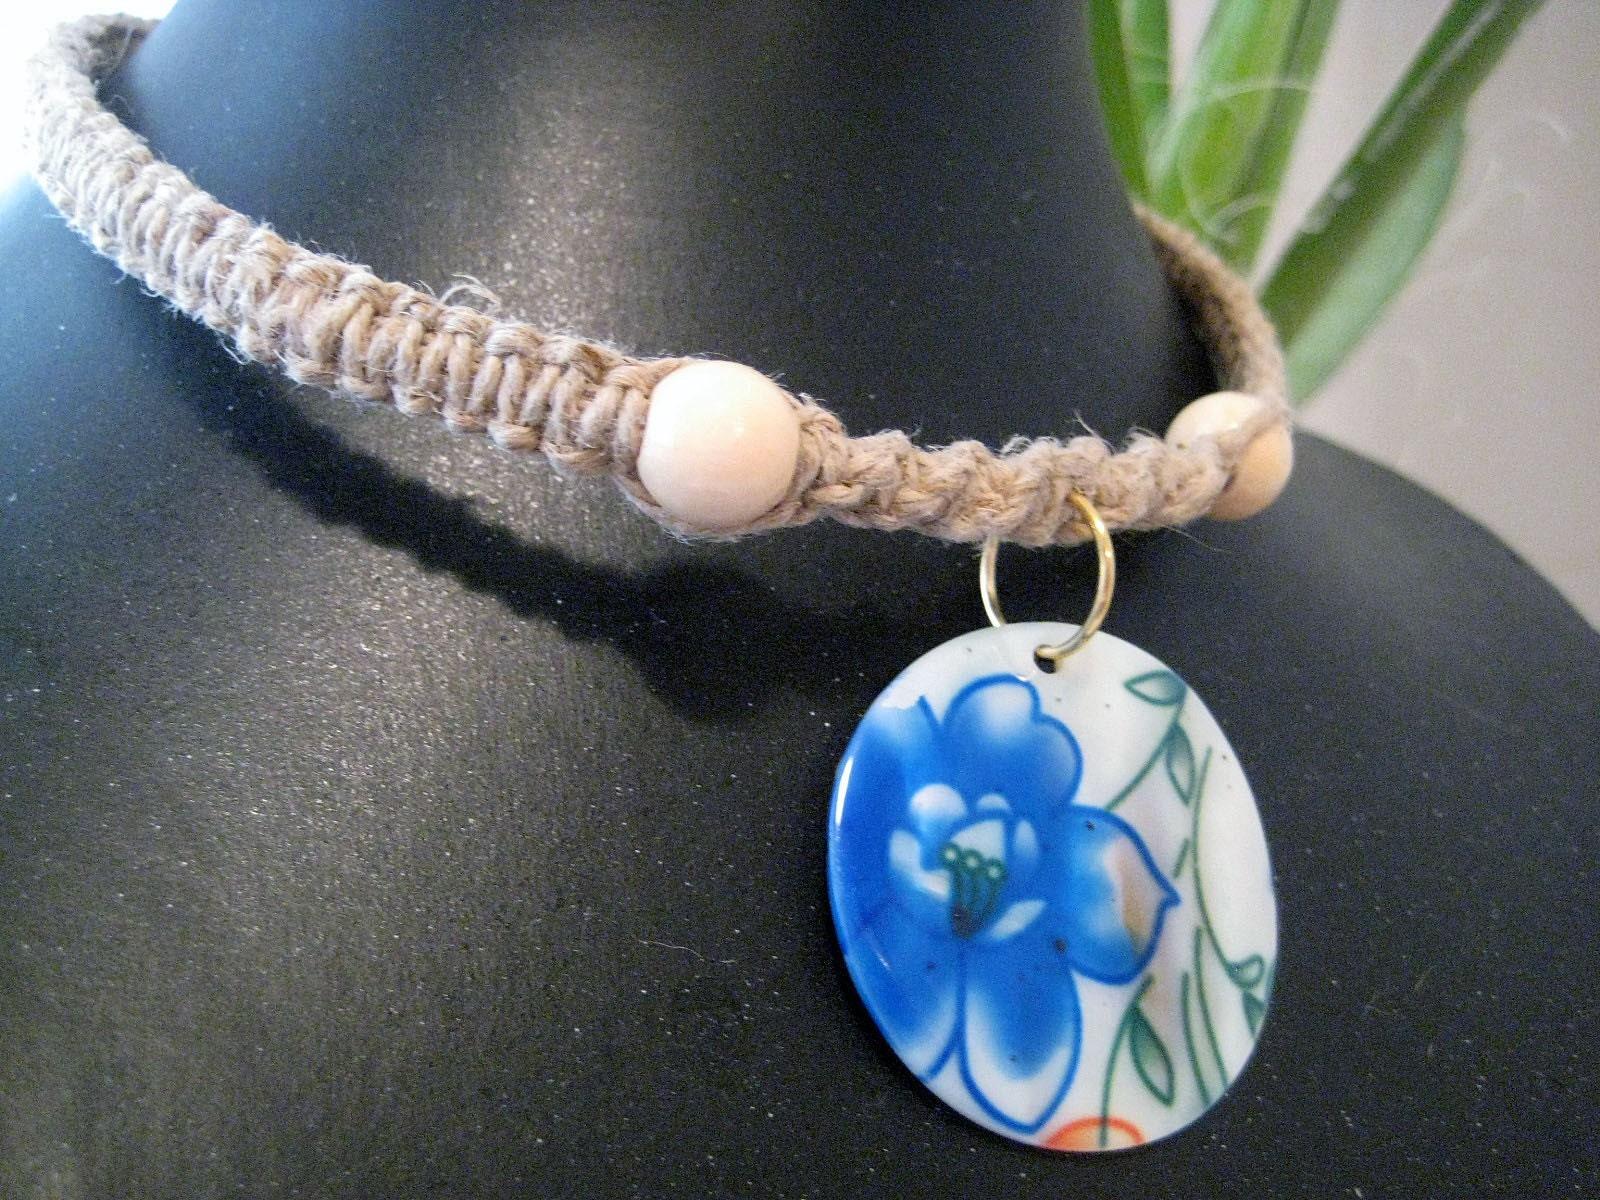 Hemp Necklace Patterns